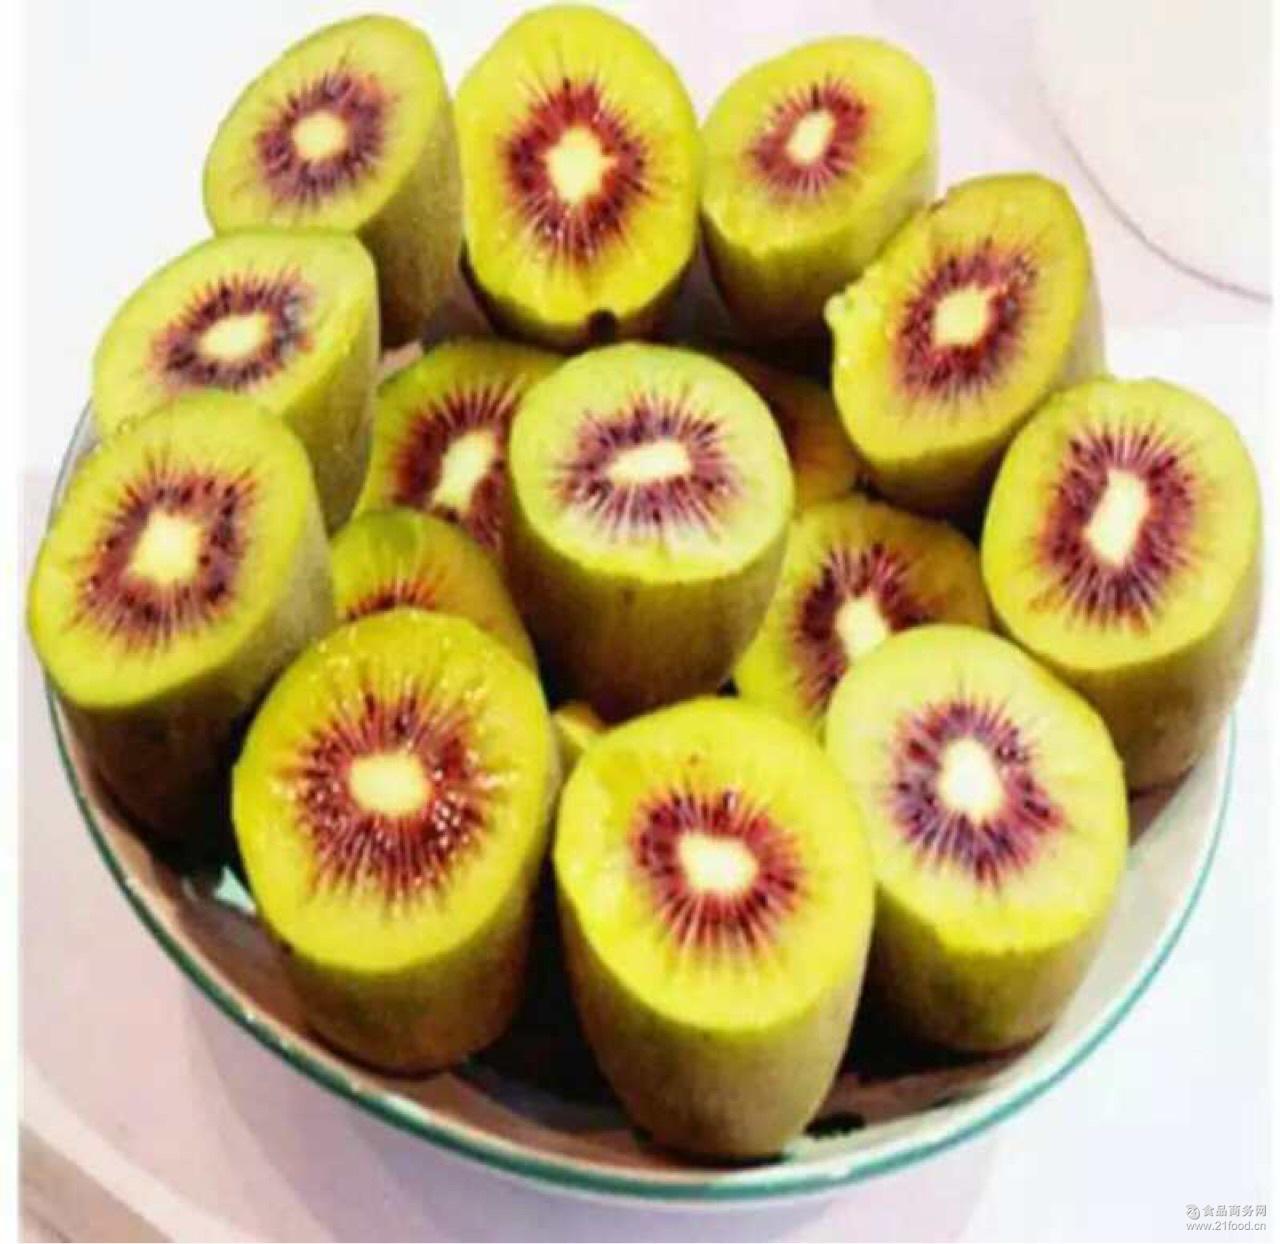 新鲜水果苍溪红心猕猴桃 优质红心猕猴桃3斤装5斤装直销